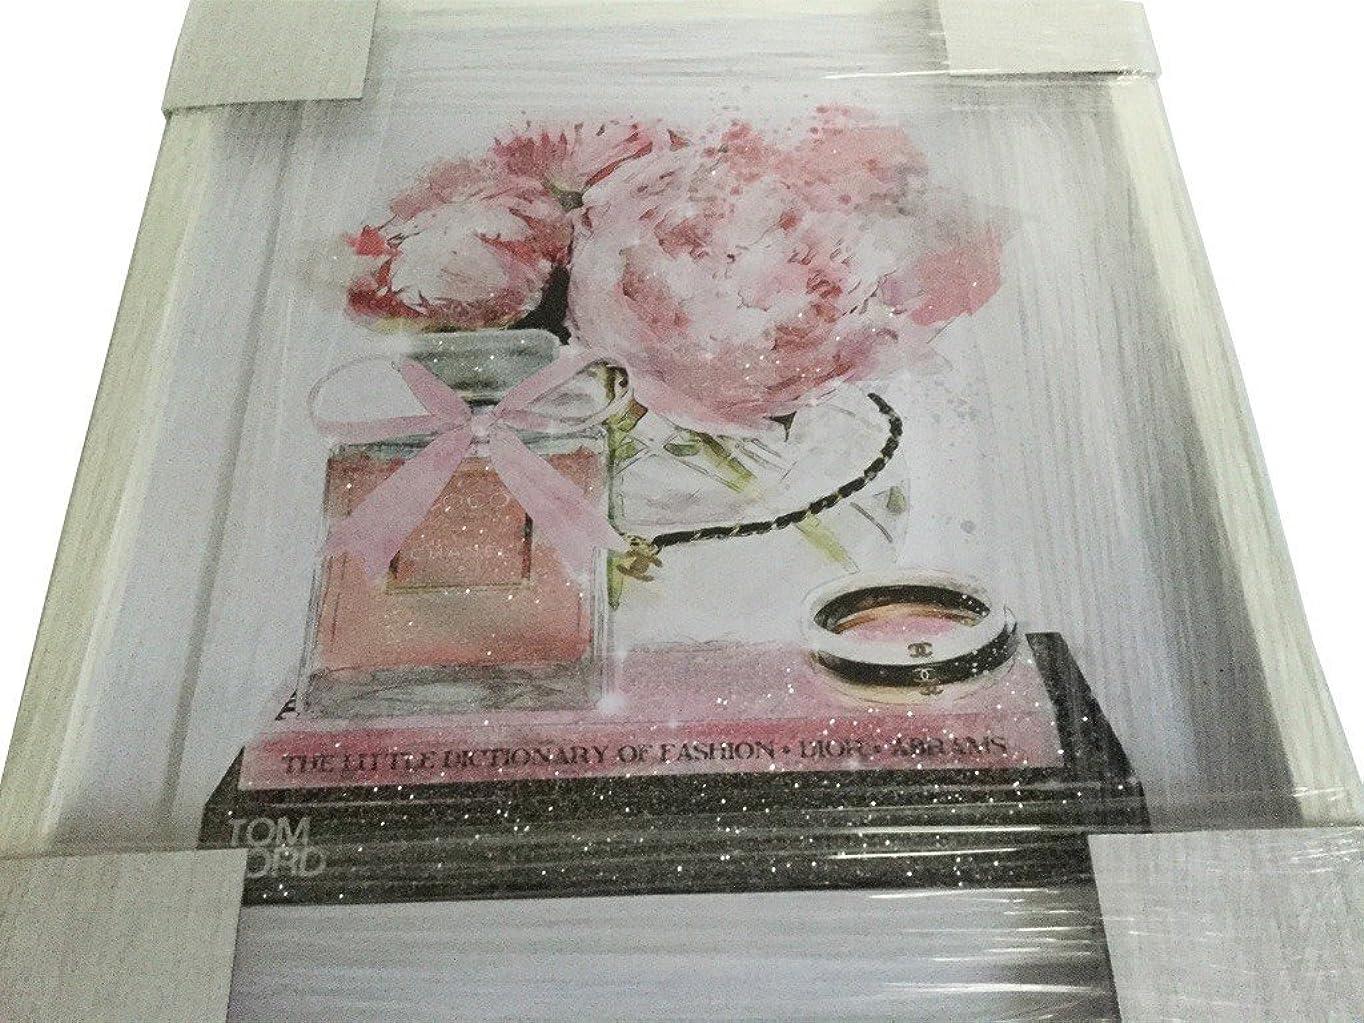 大脳すすり泣き大Oliver Gal O83 Elegant Perfume and Morning CHANEL スワロフスキー (17×20インチ:43.18×50.8cm)